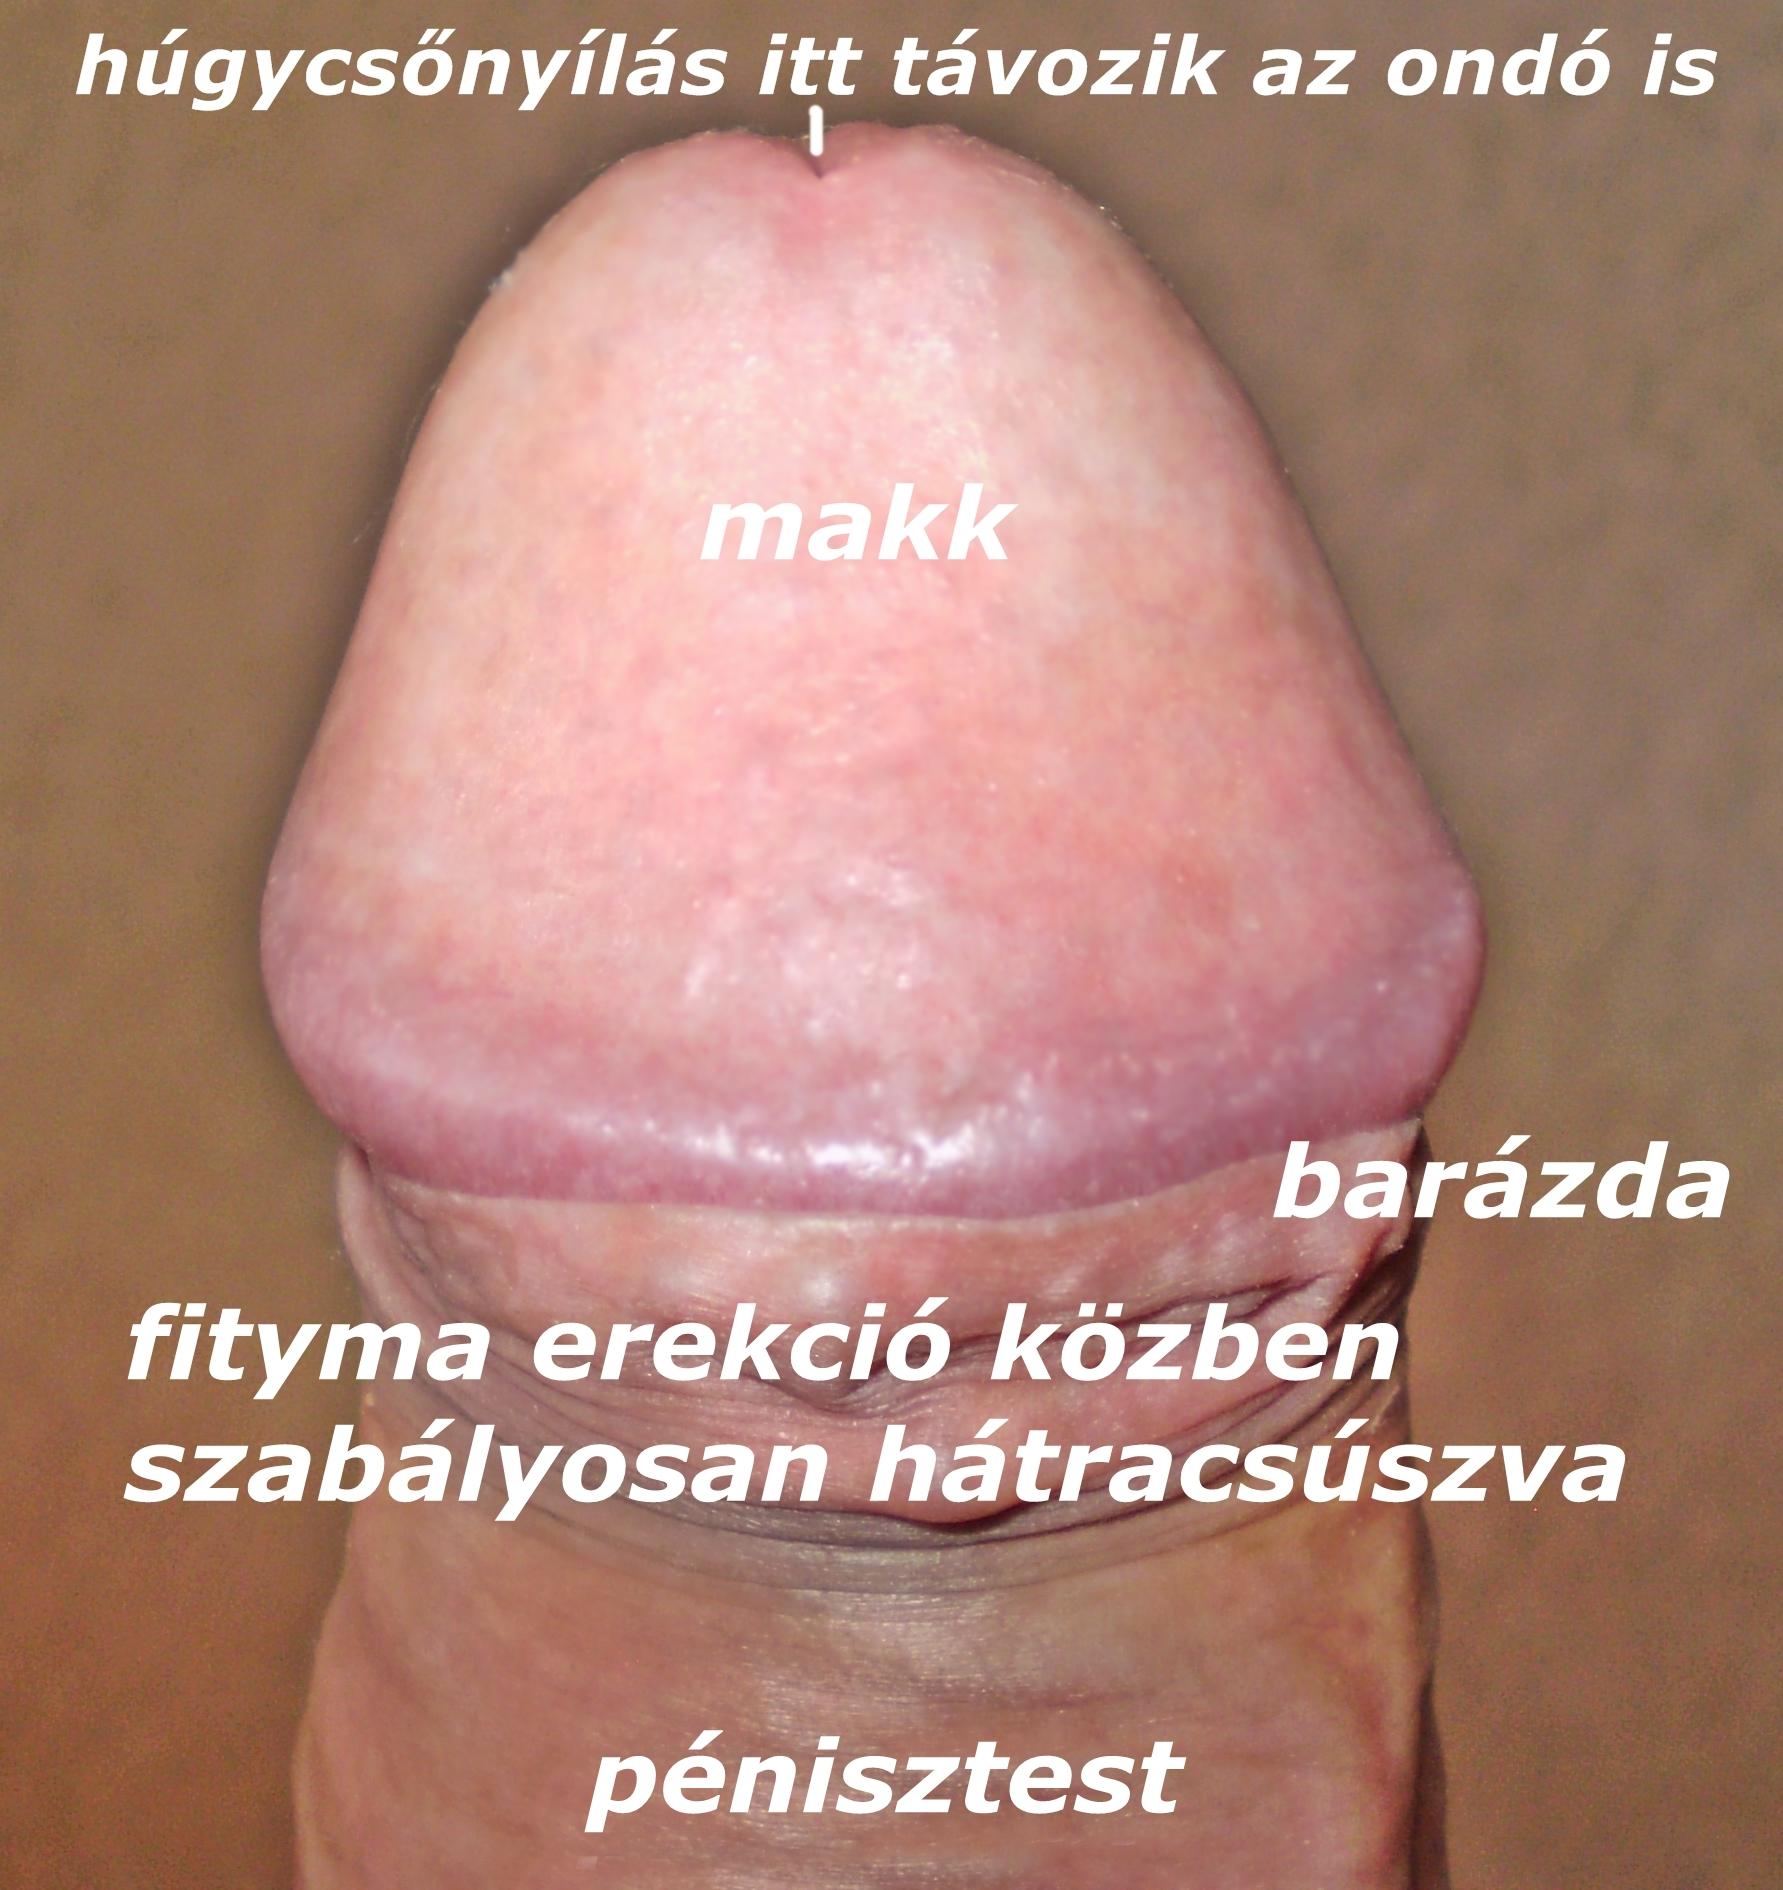 szemölcsök a fityma férfiaknál condyloma egészség